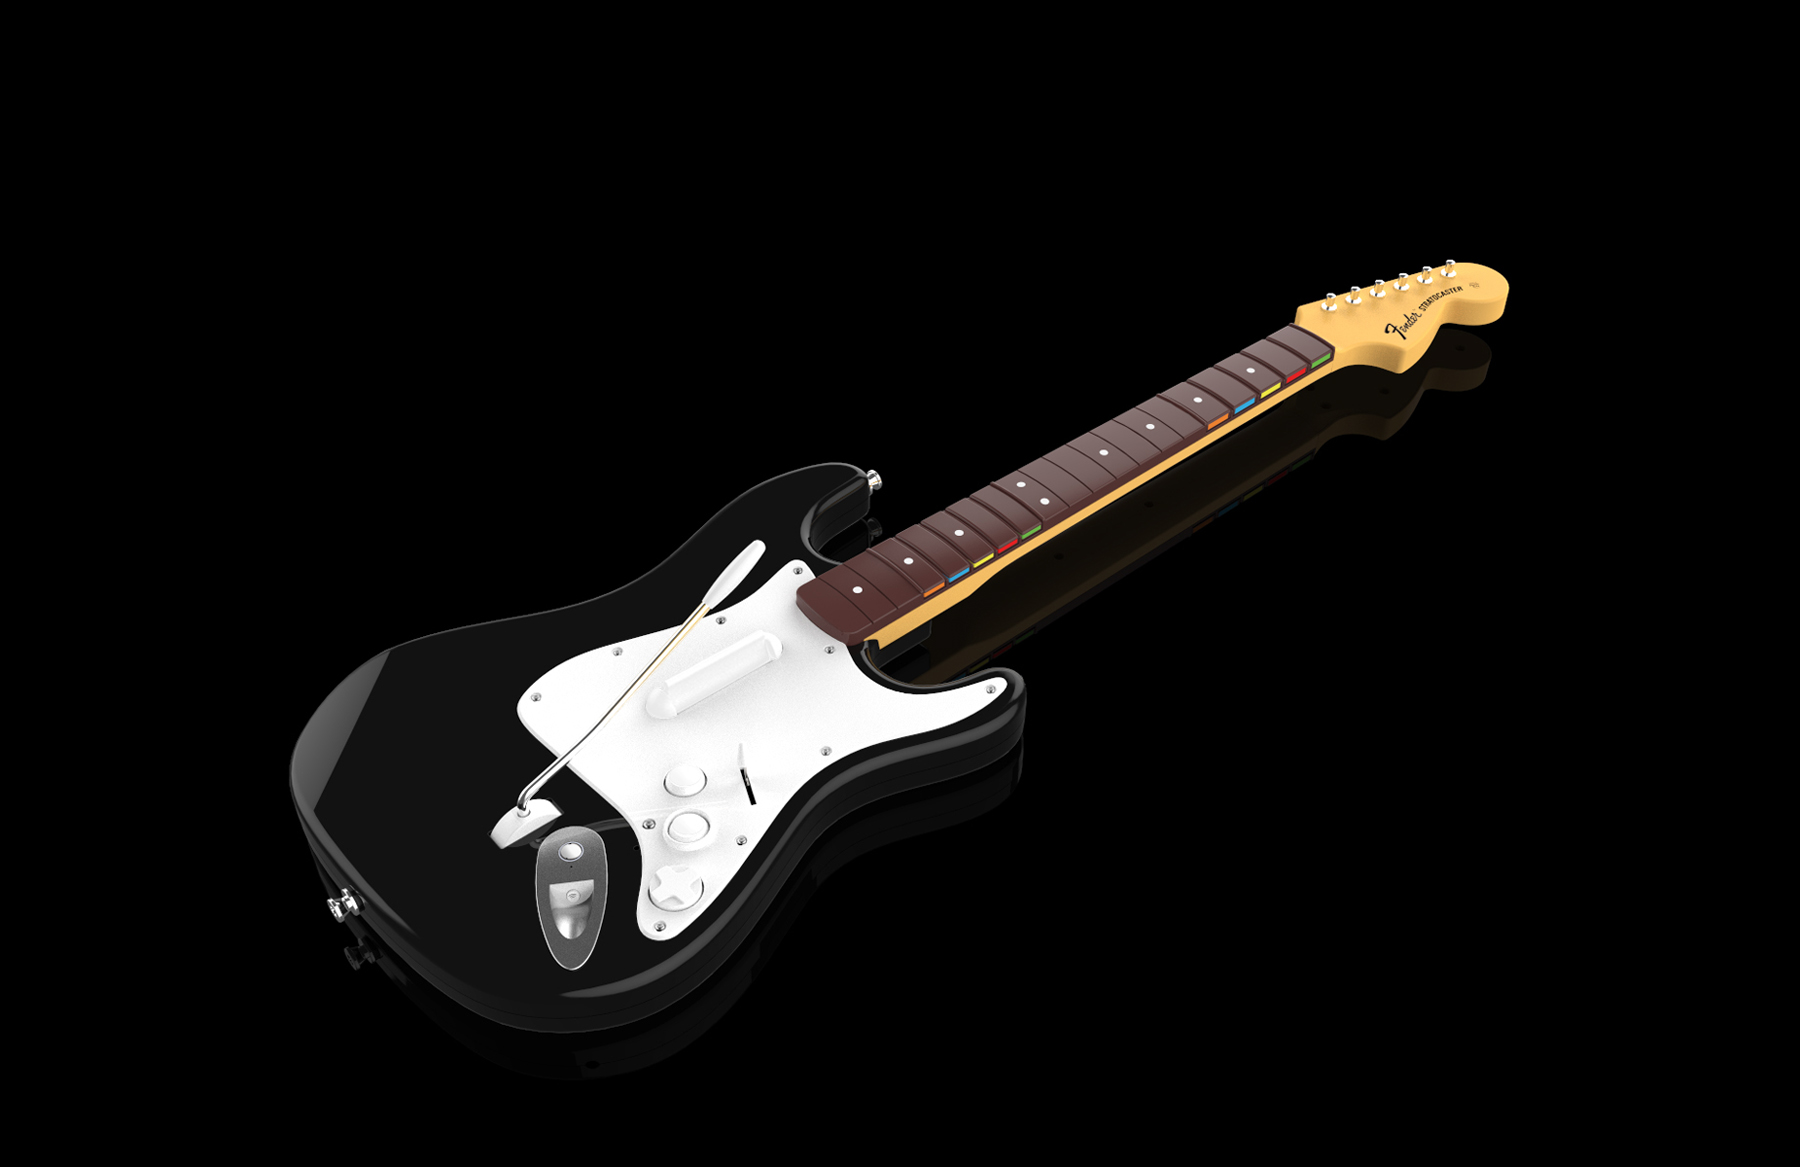 Rock Band 4 - PS4 (utilisez les touches fléchées pour naviguer)